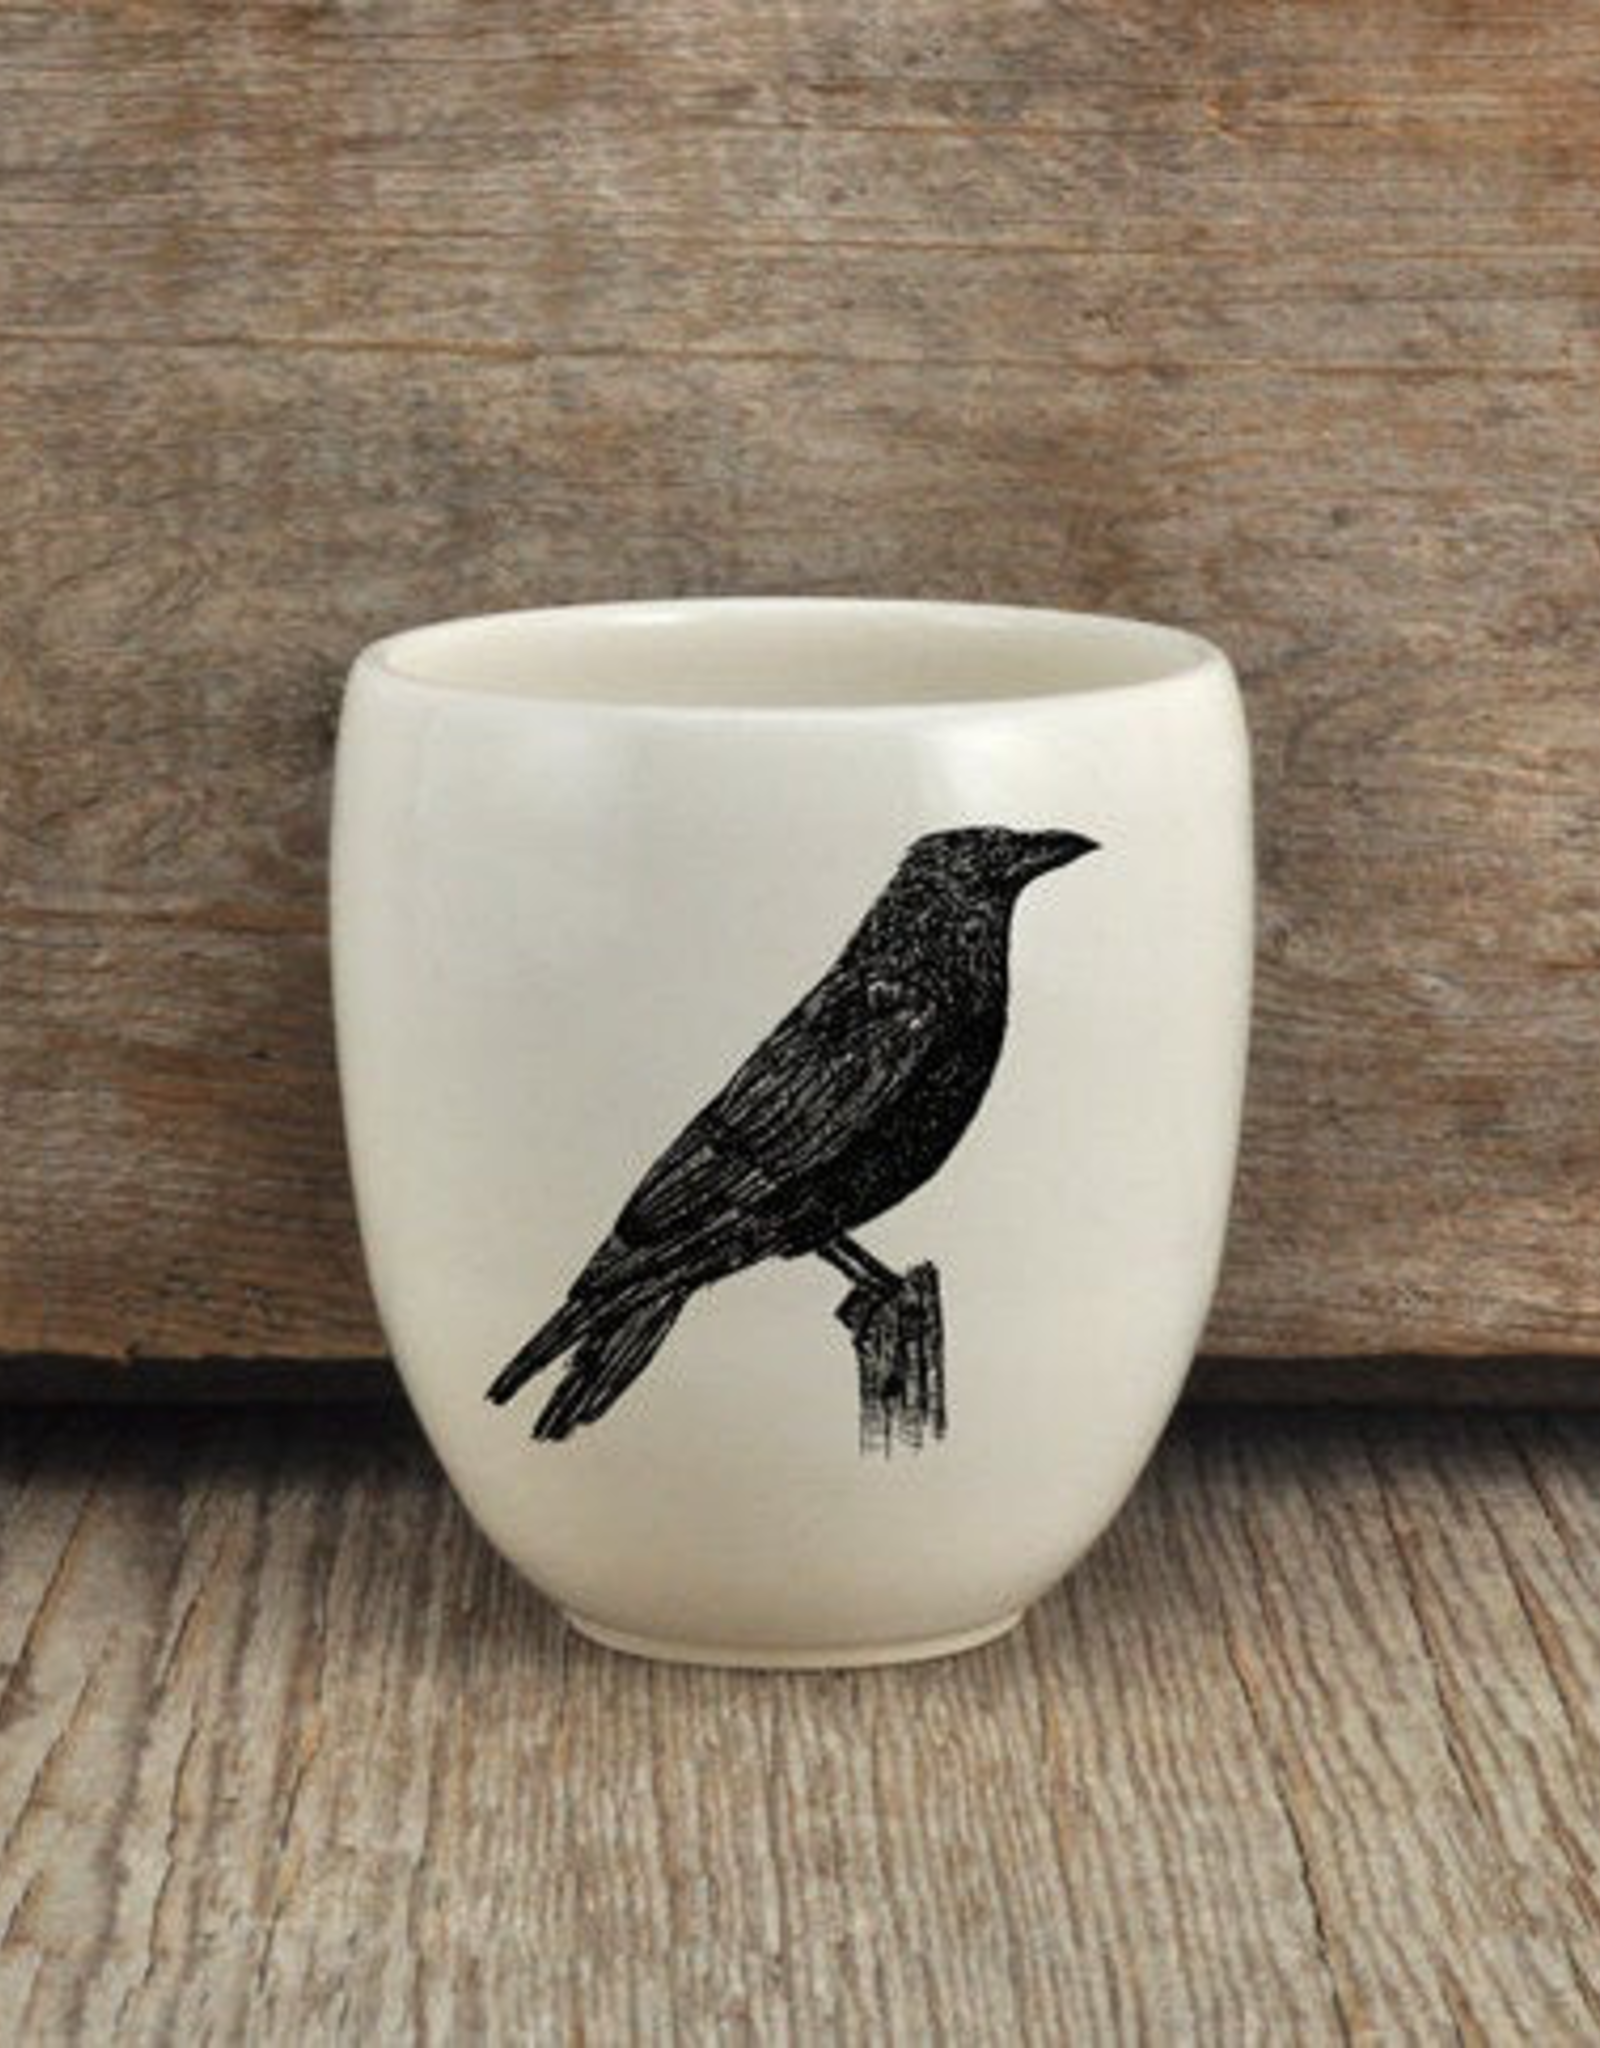 Artisan Made Tumbler - Crow